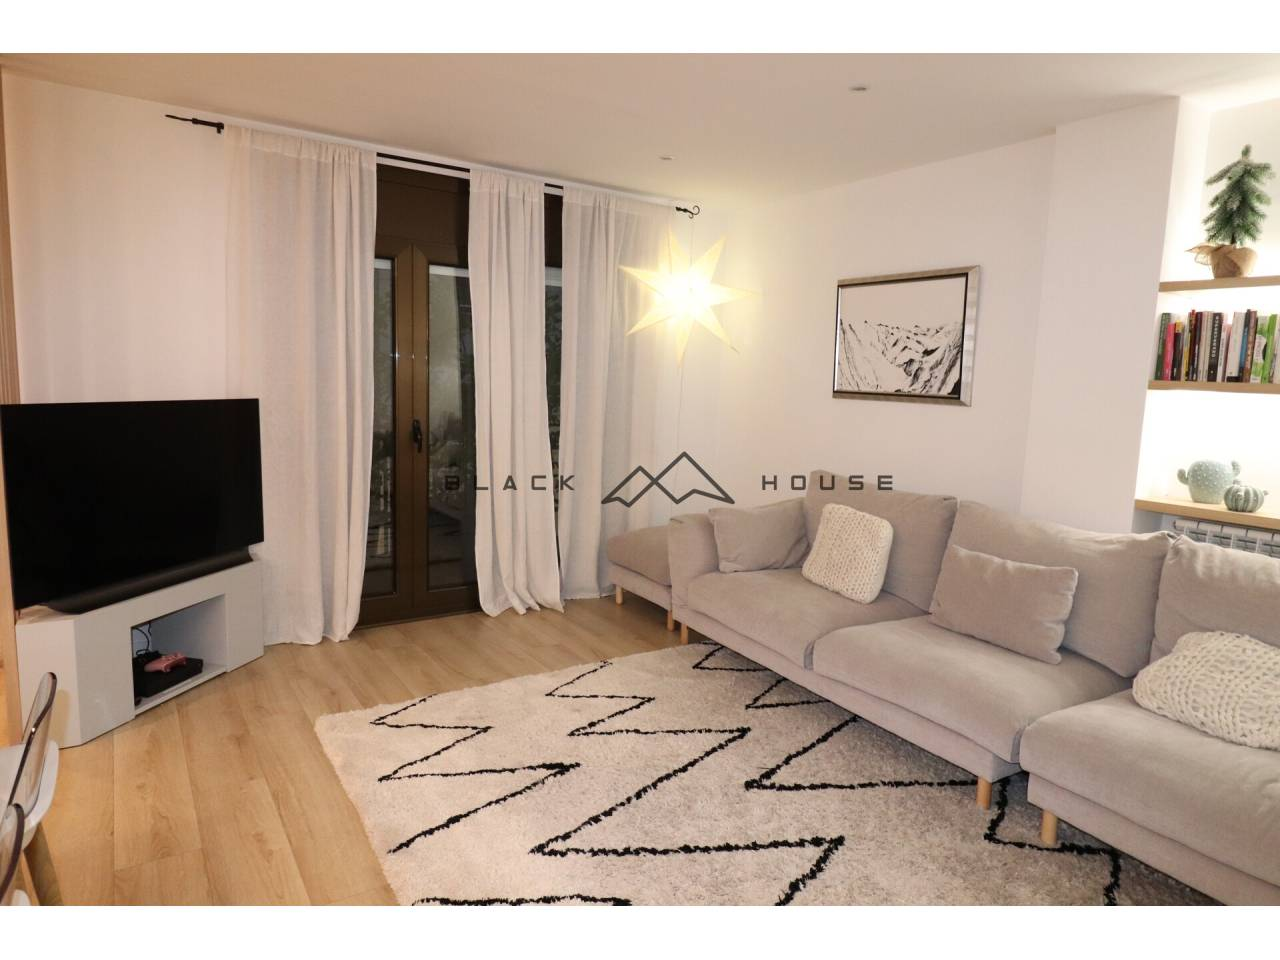 Fabulosa propietat en venda a Andorra la Vella.